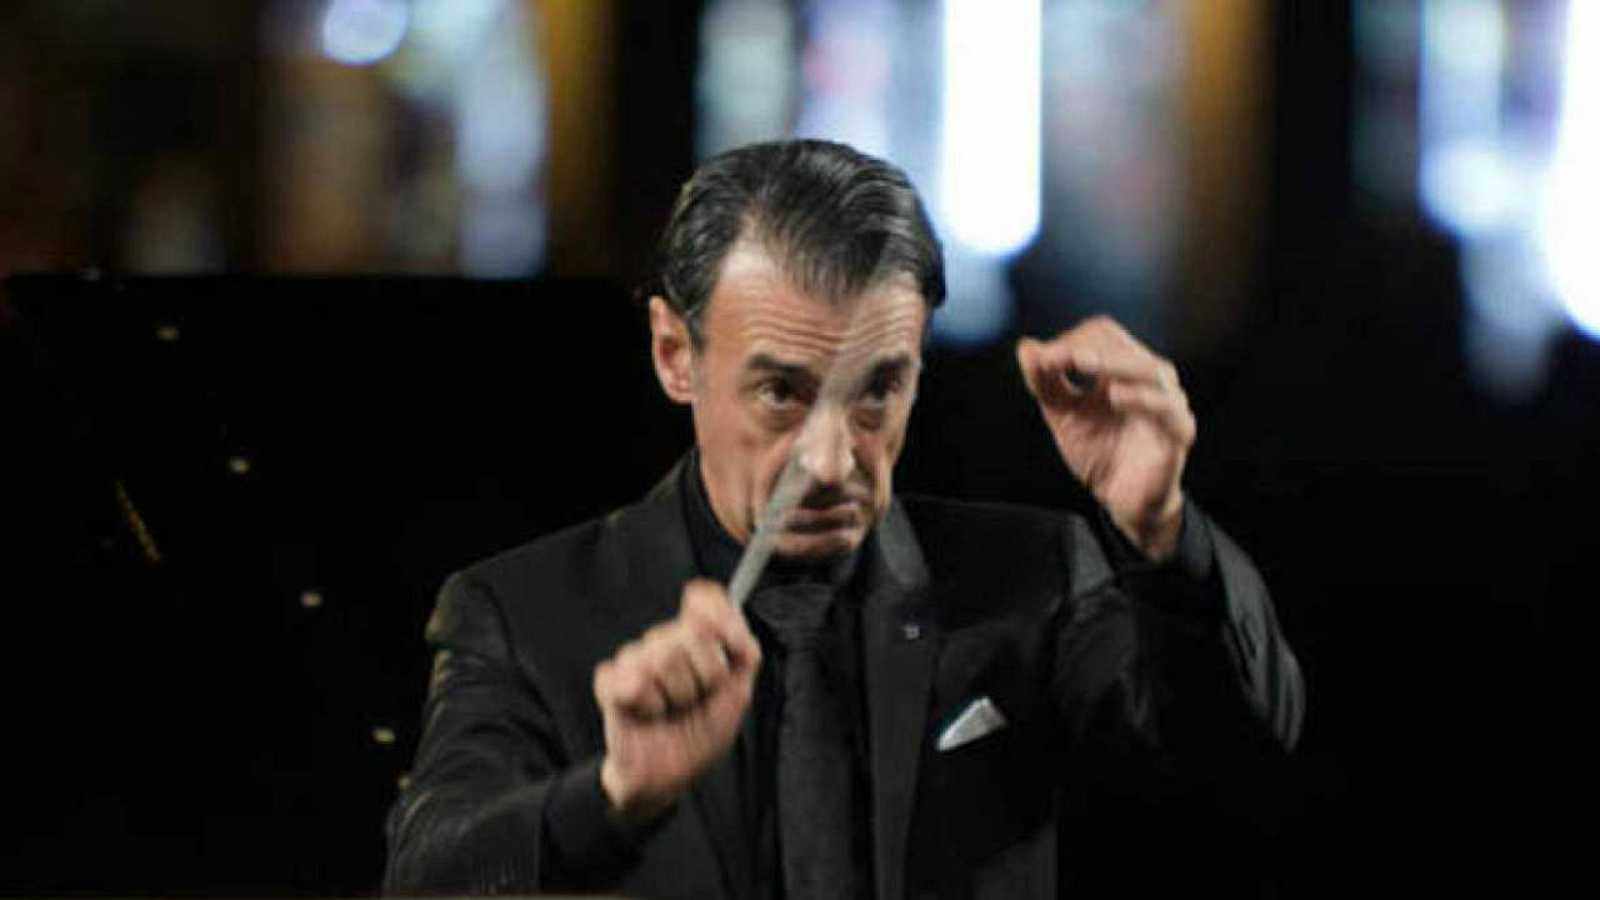 El director Miguel Ángel Gómez Martínez